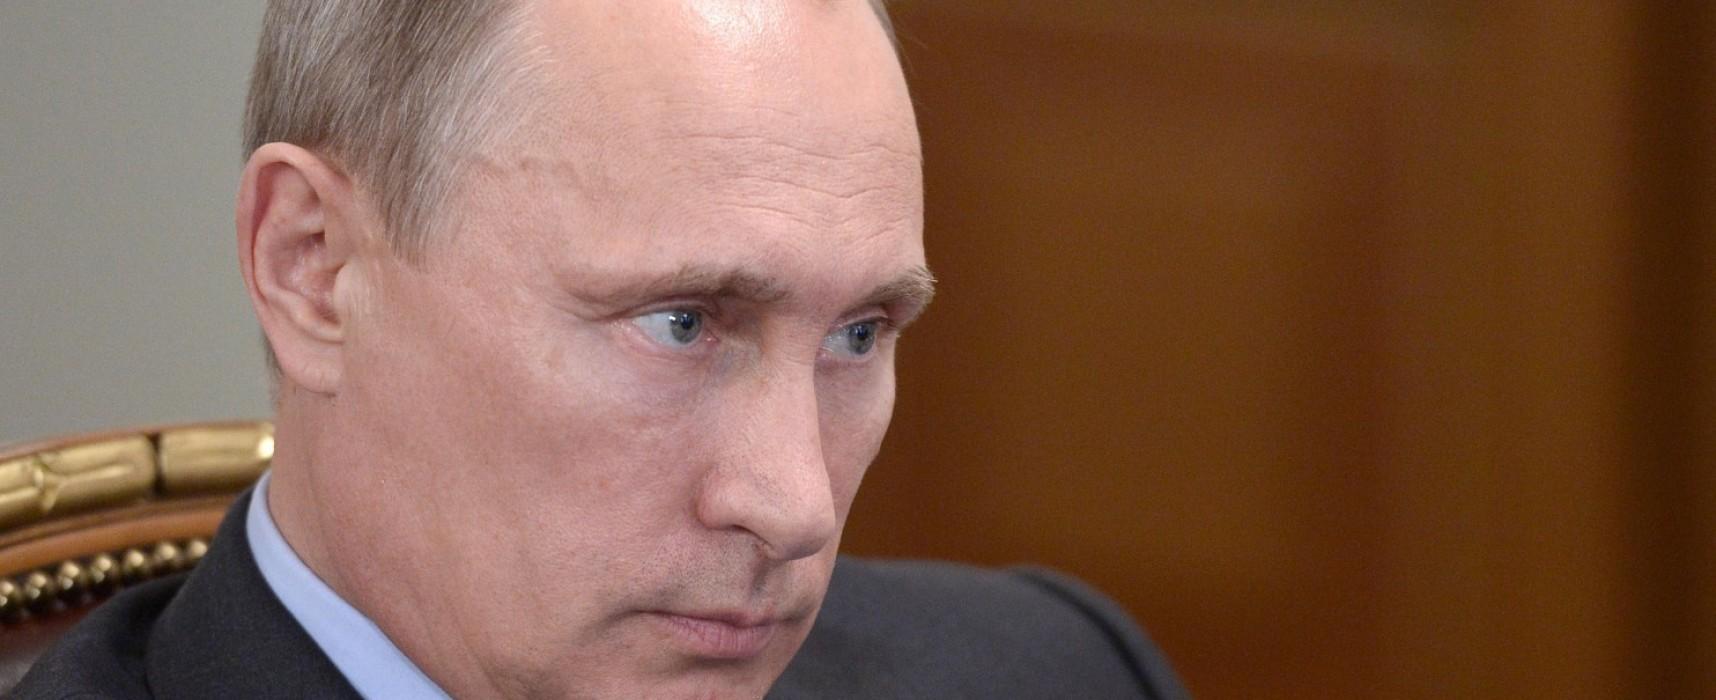 Рупоры кремлёвского канала пропаганды не слишком смелые